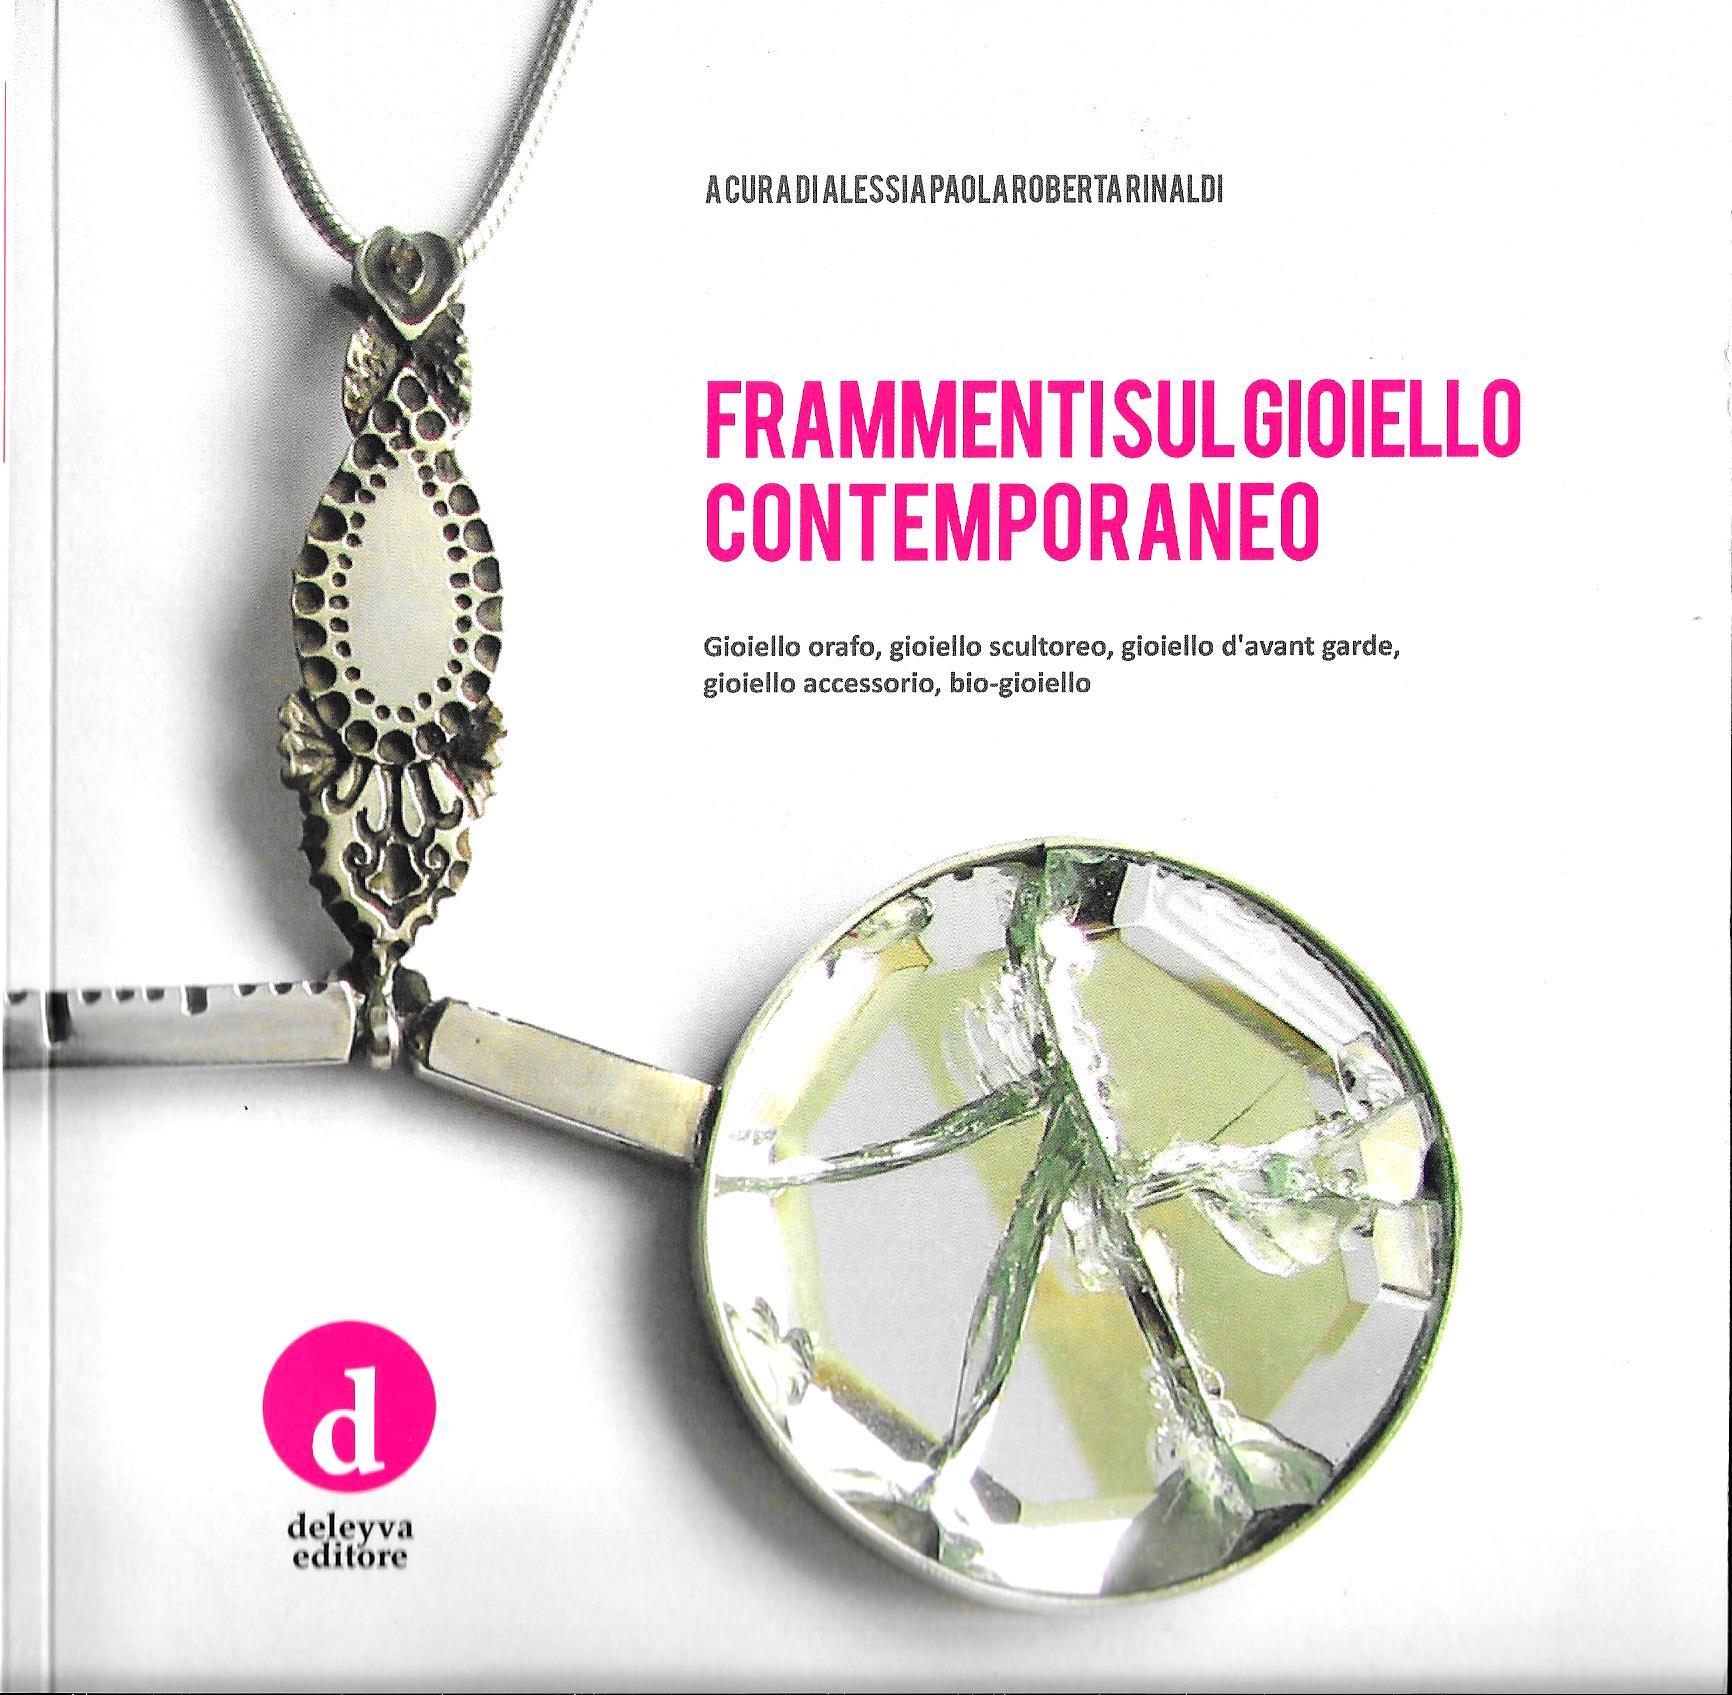 Deleiyva Editore – Frammenti sul Gioiello Contemporaneo – Quaderno n°0